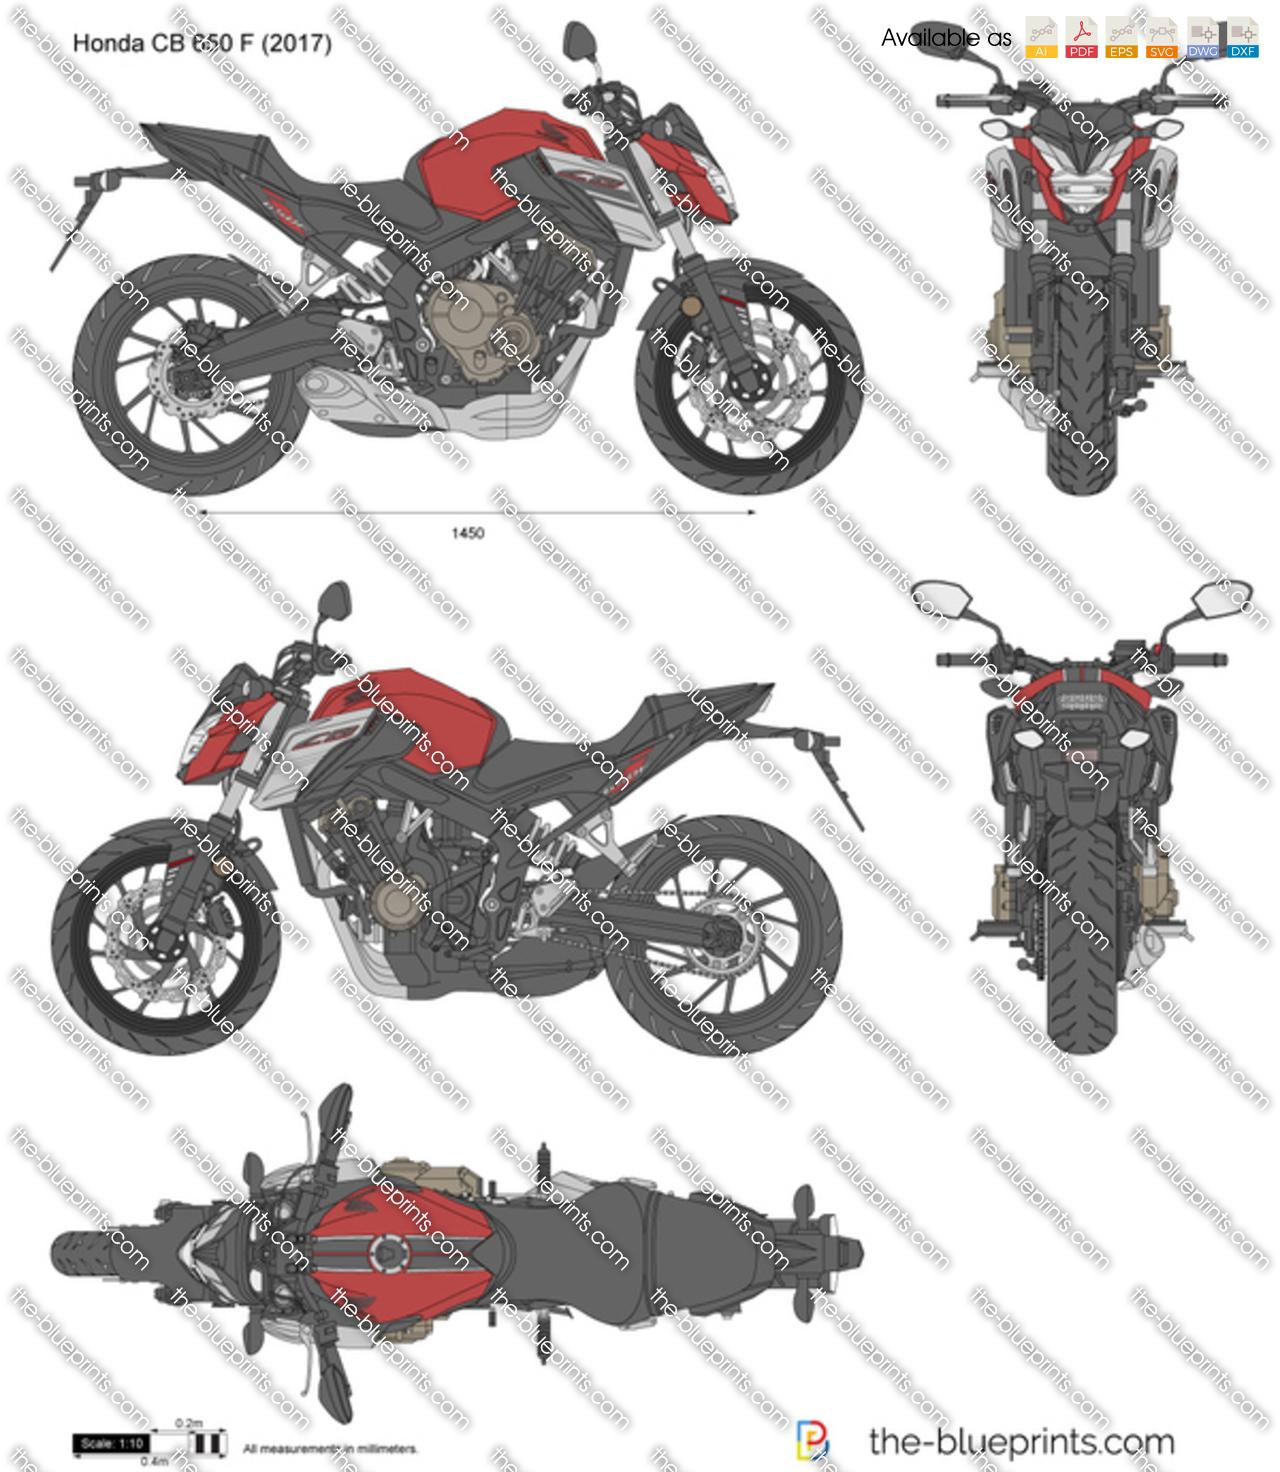 Honda CB 650 F 2018